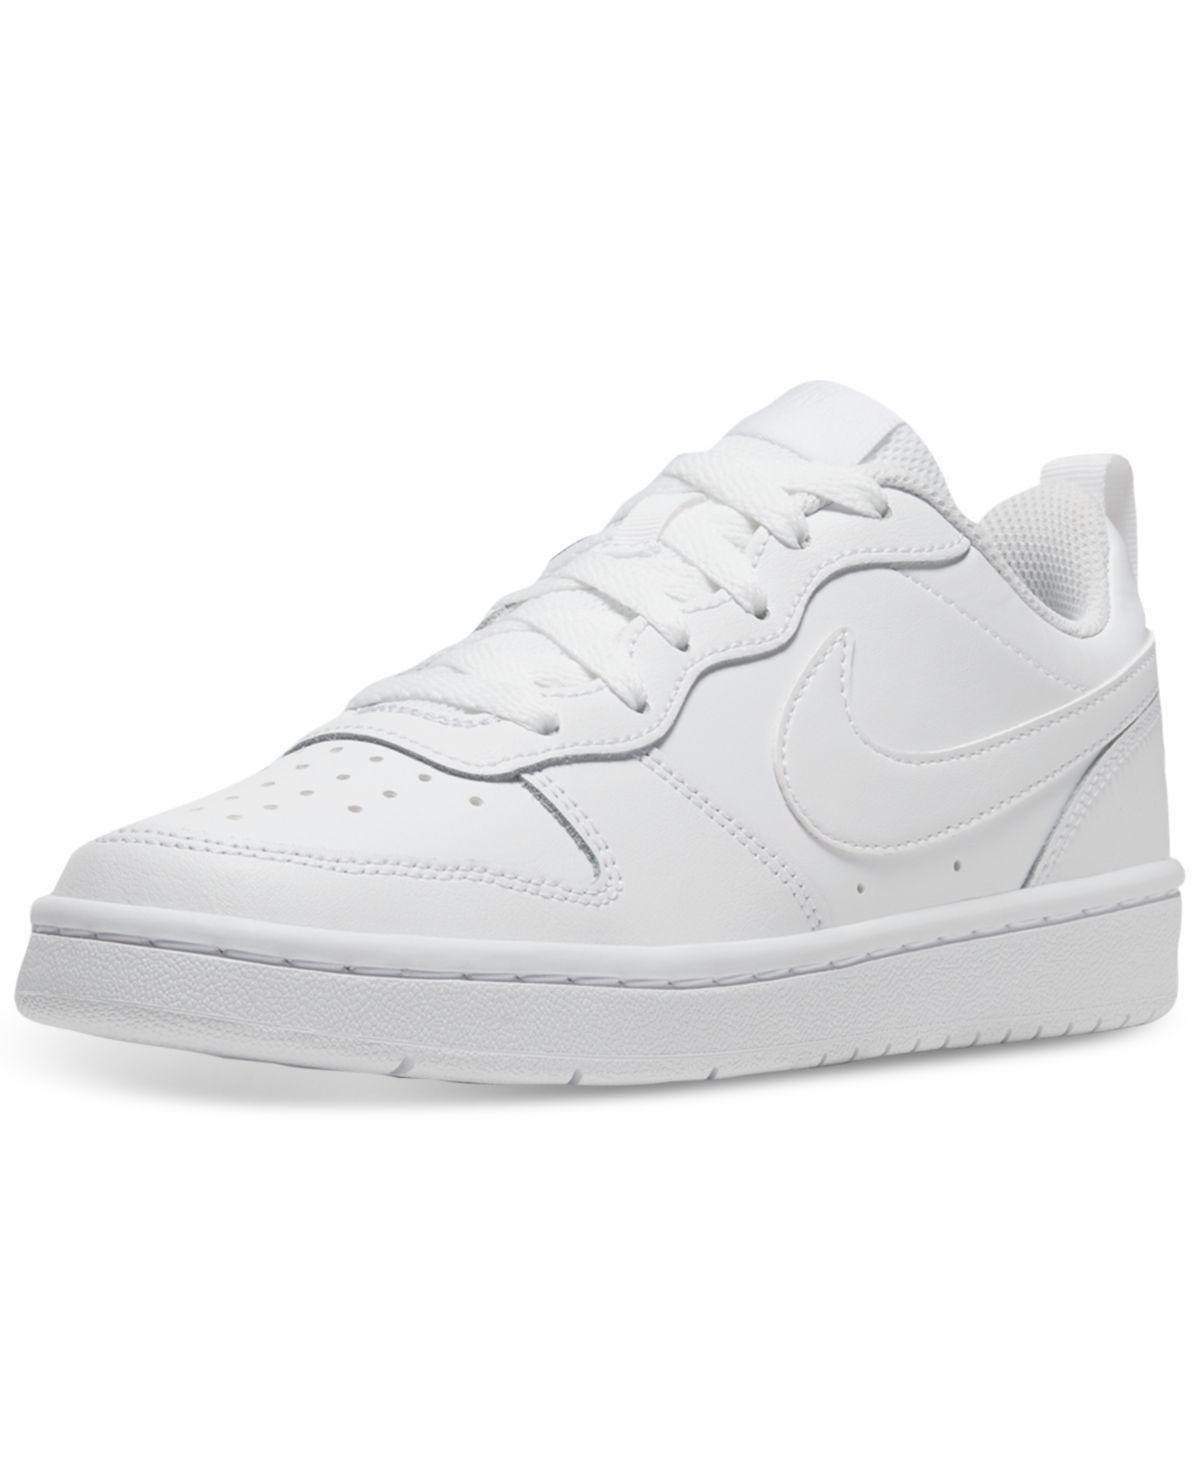 nike boys shoes clearance